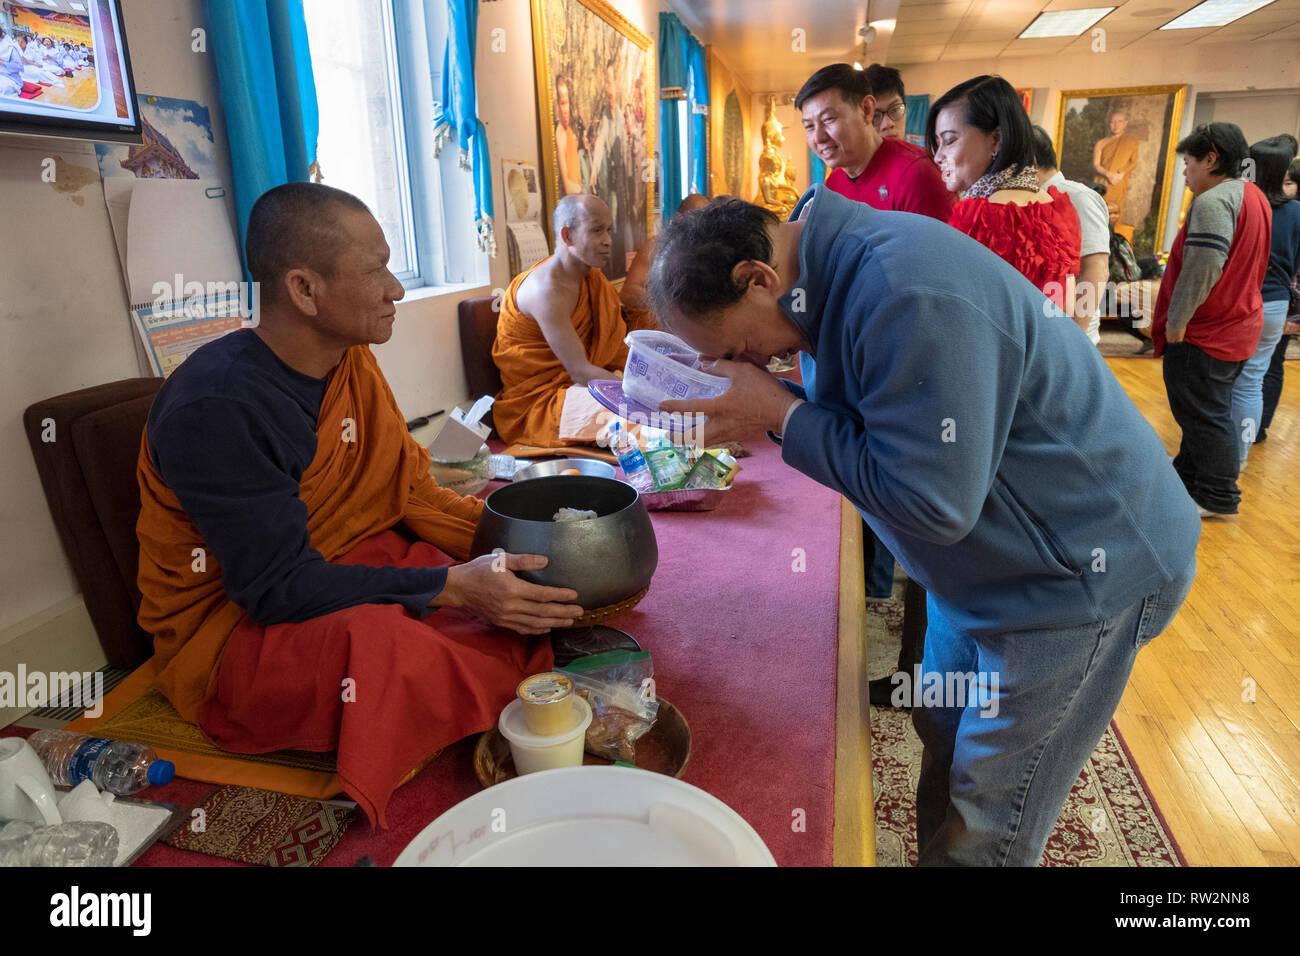 Les fidèles bouddhistes fervents participer à l'ancien rituel de l'alimentation des moines. Dans un temple à Elmhurst, Queens, New York. Photo Stock